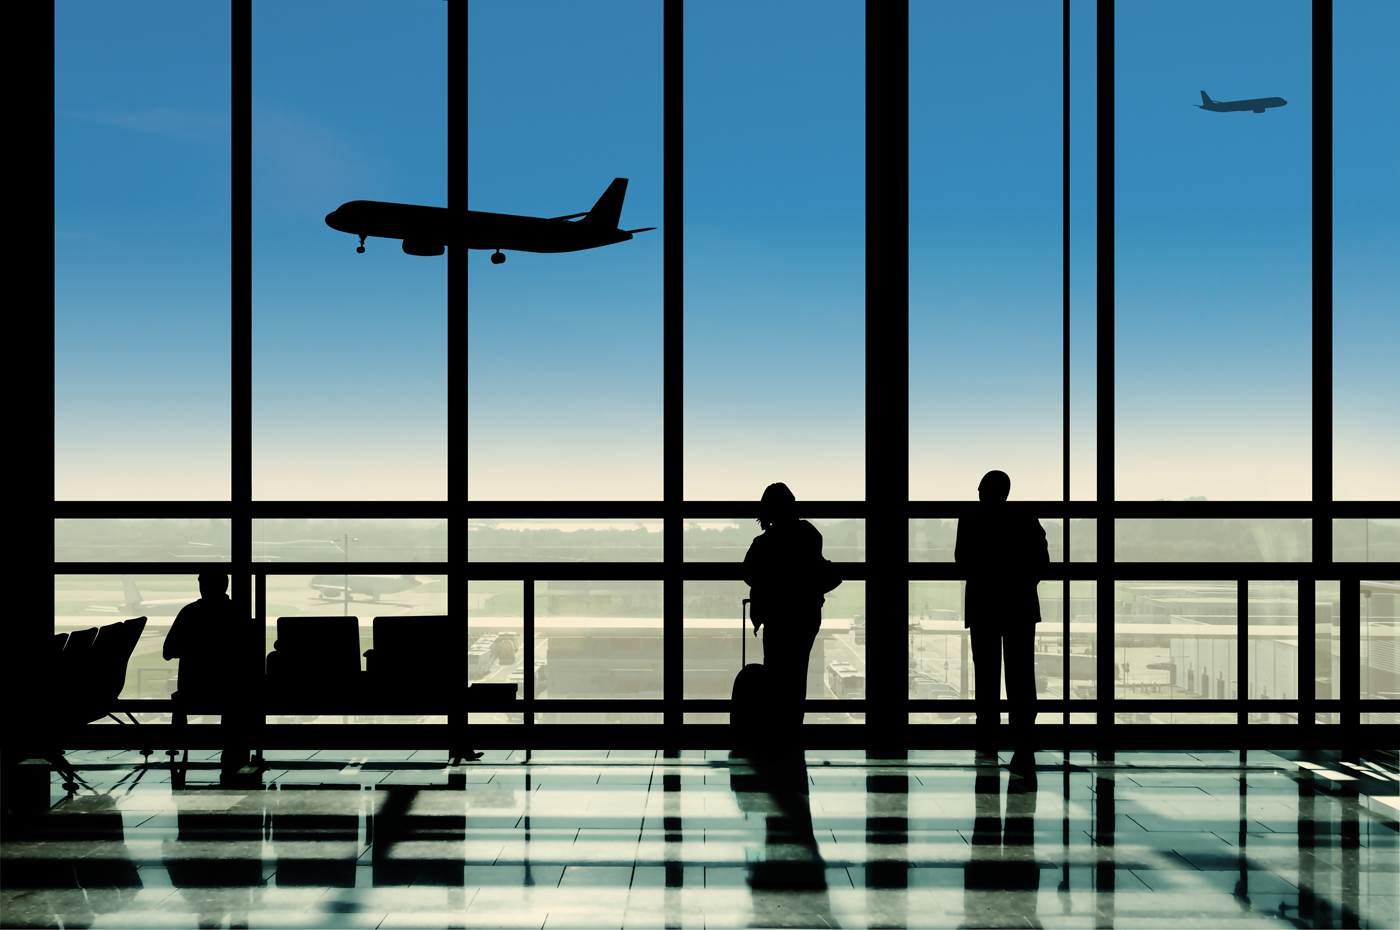 5 Coisas que todo viajante deve saber